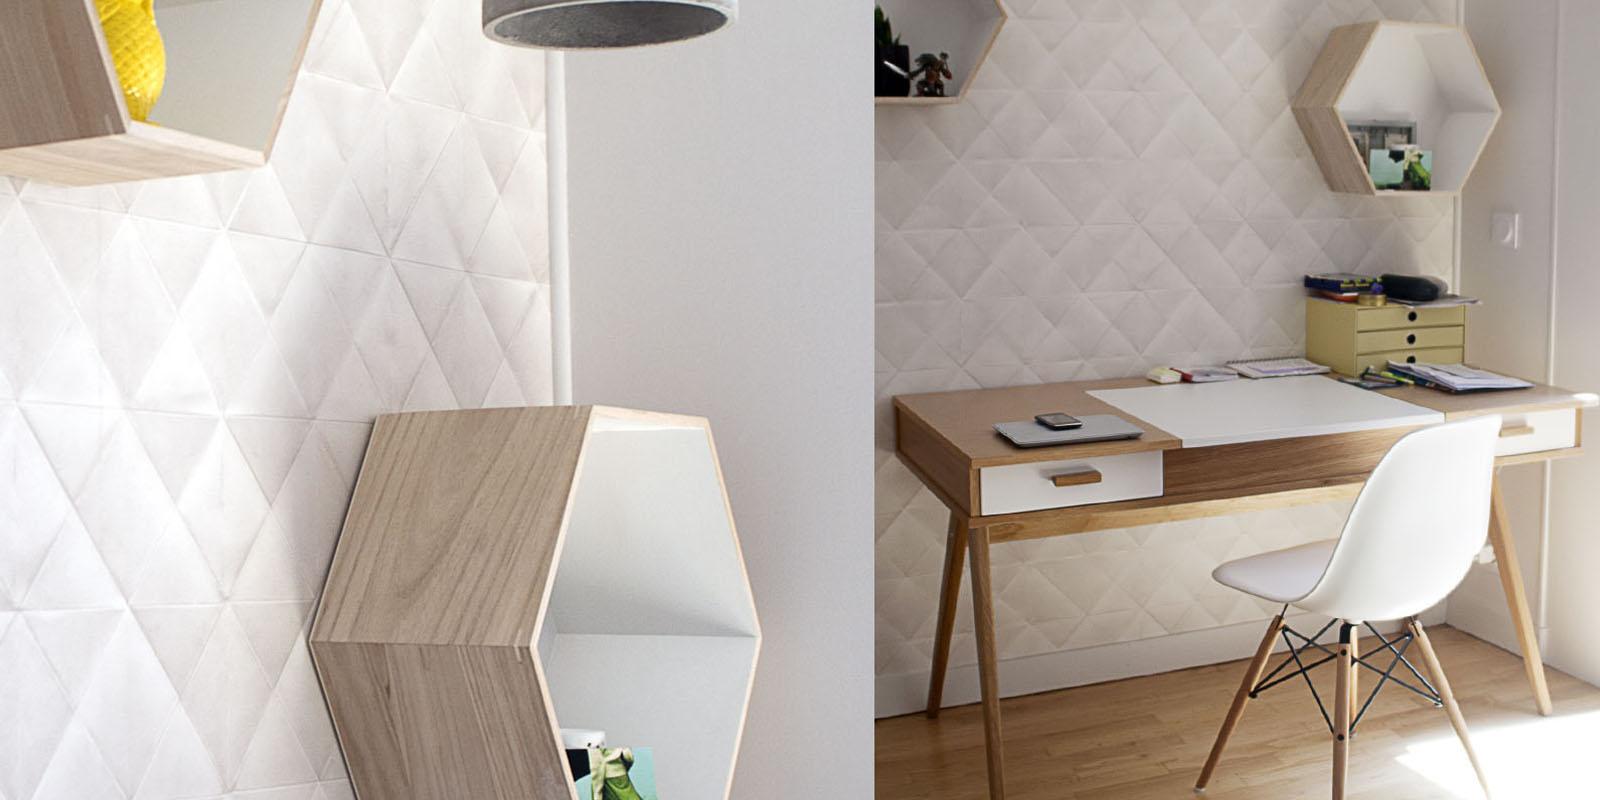 d coration maison bourgeoise dans un style scandinave et esprit de famille gw naelle hoyet. Black Bedroom Furniture Sets. Home Design Ideas